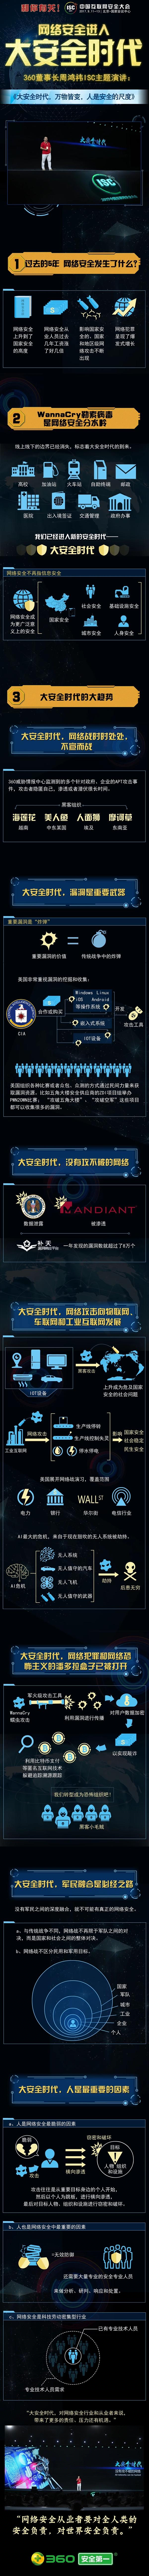 360周鸿祎:网络犯罪的潘多拉盒子已被打开